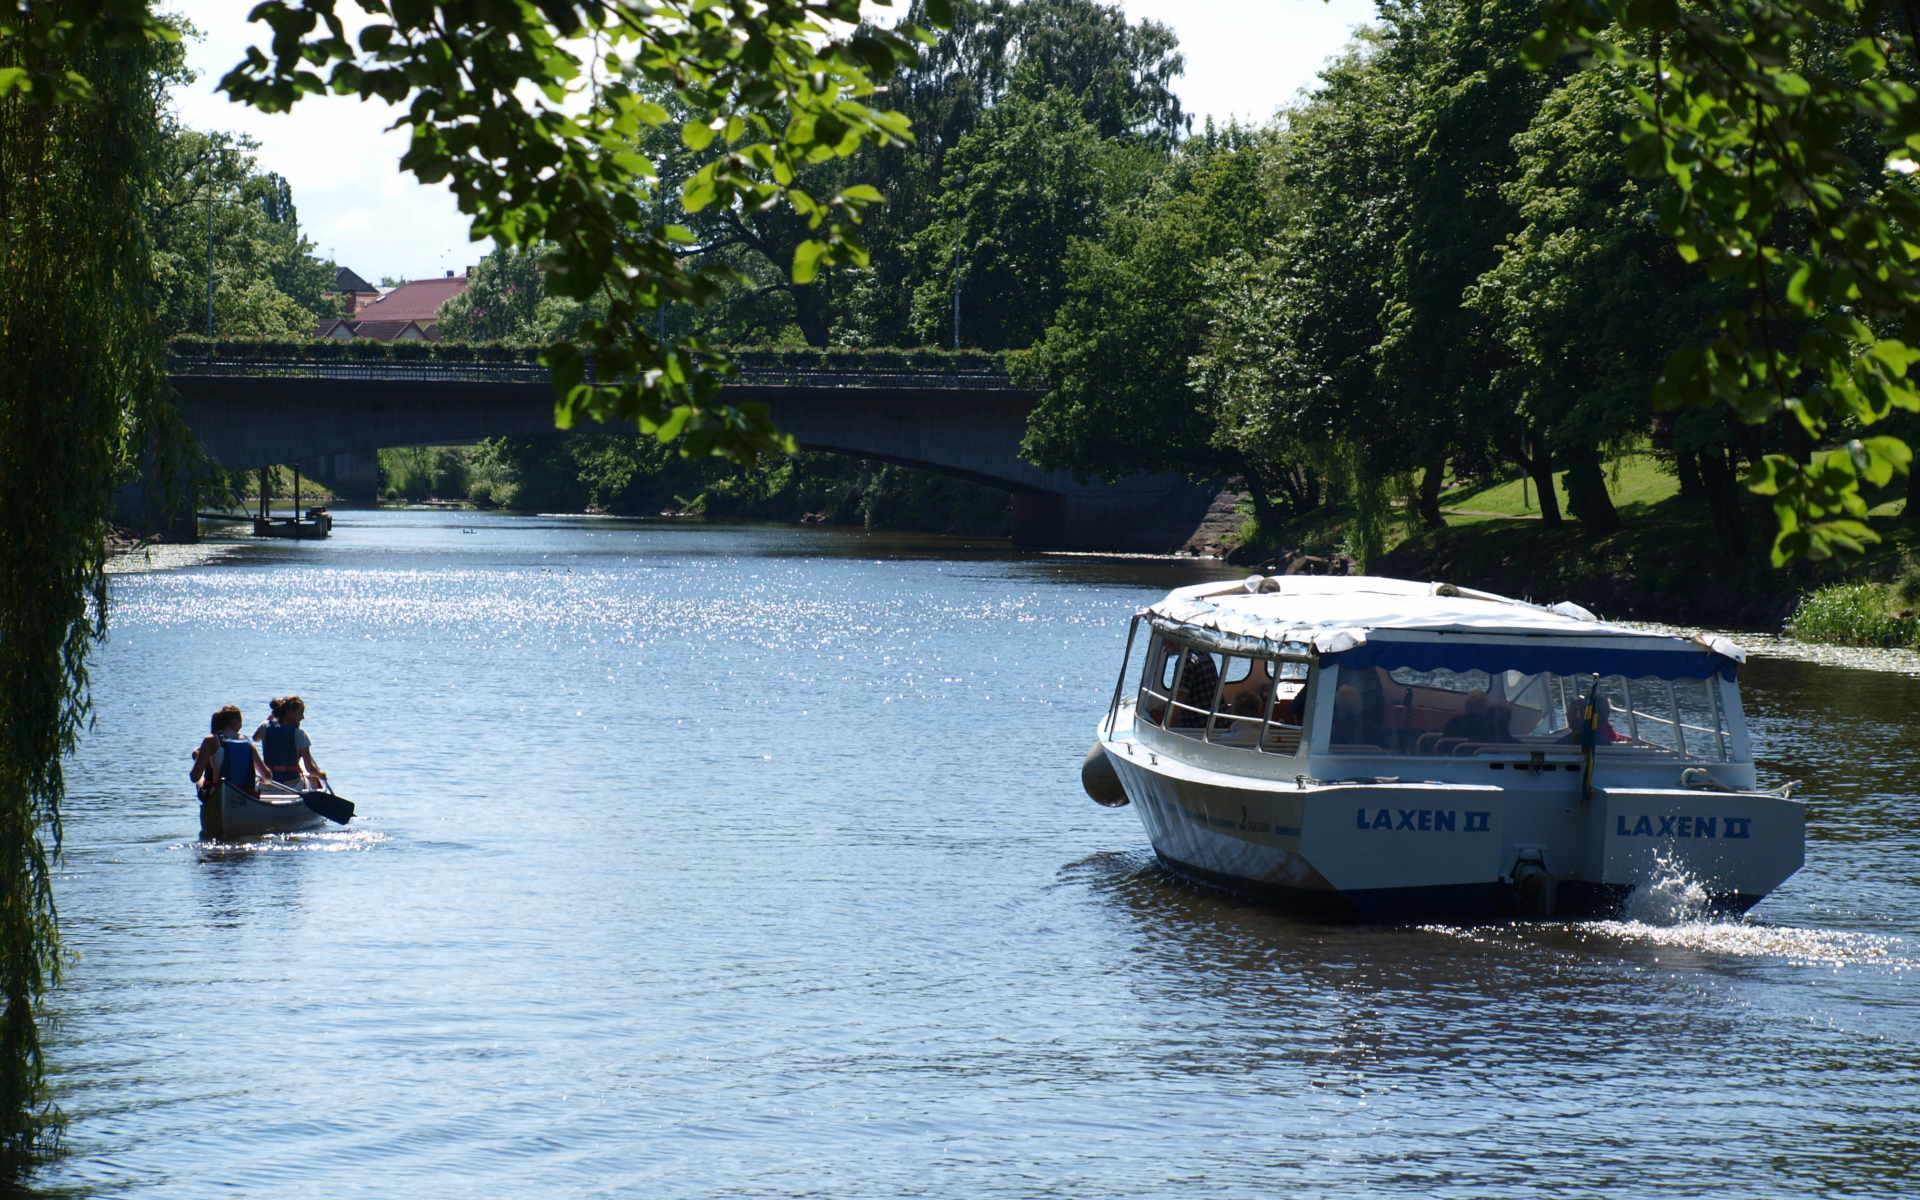 Guidad båttur på Rönne å 2017 - turistbåten Laxen